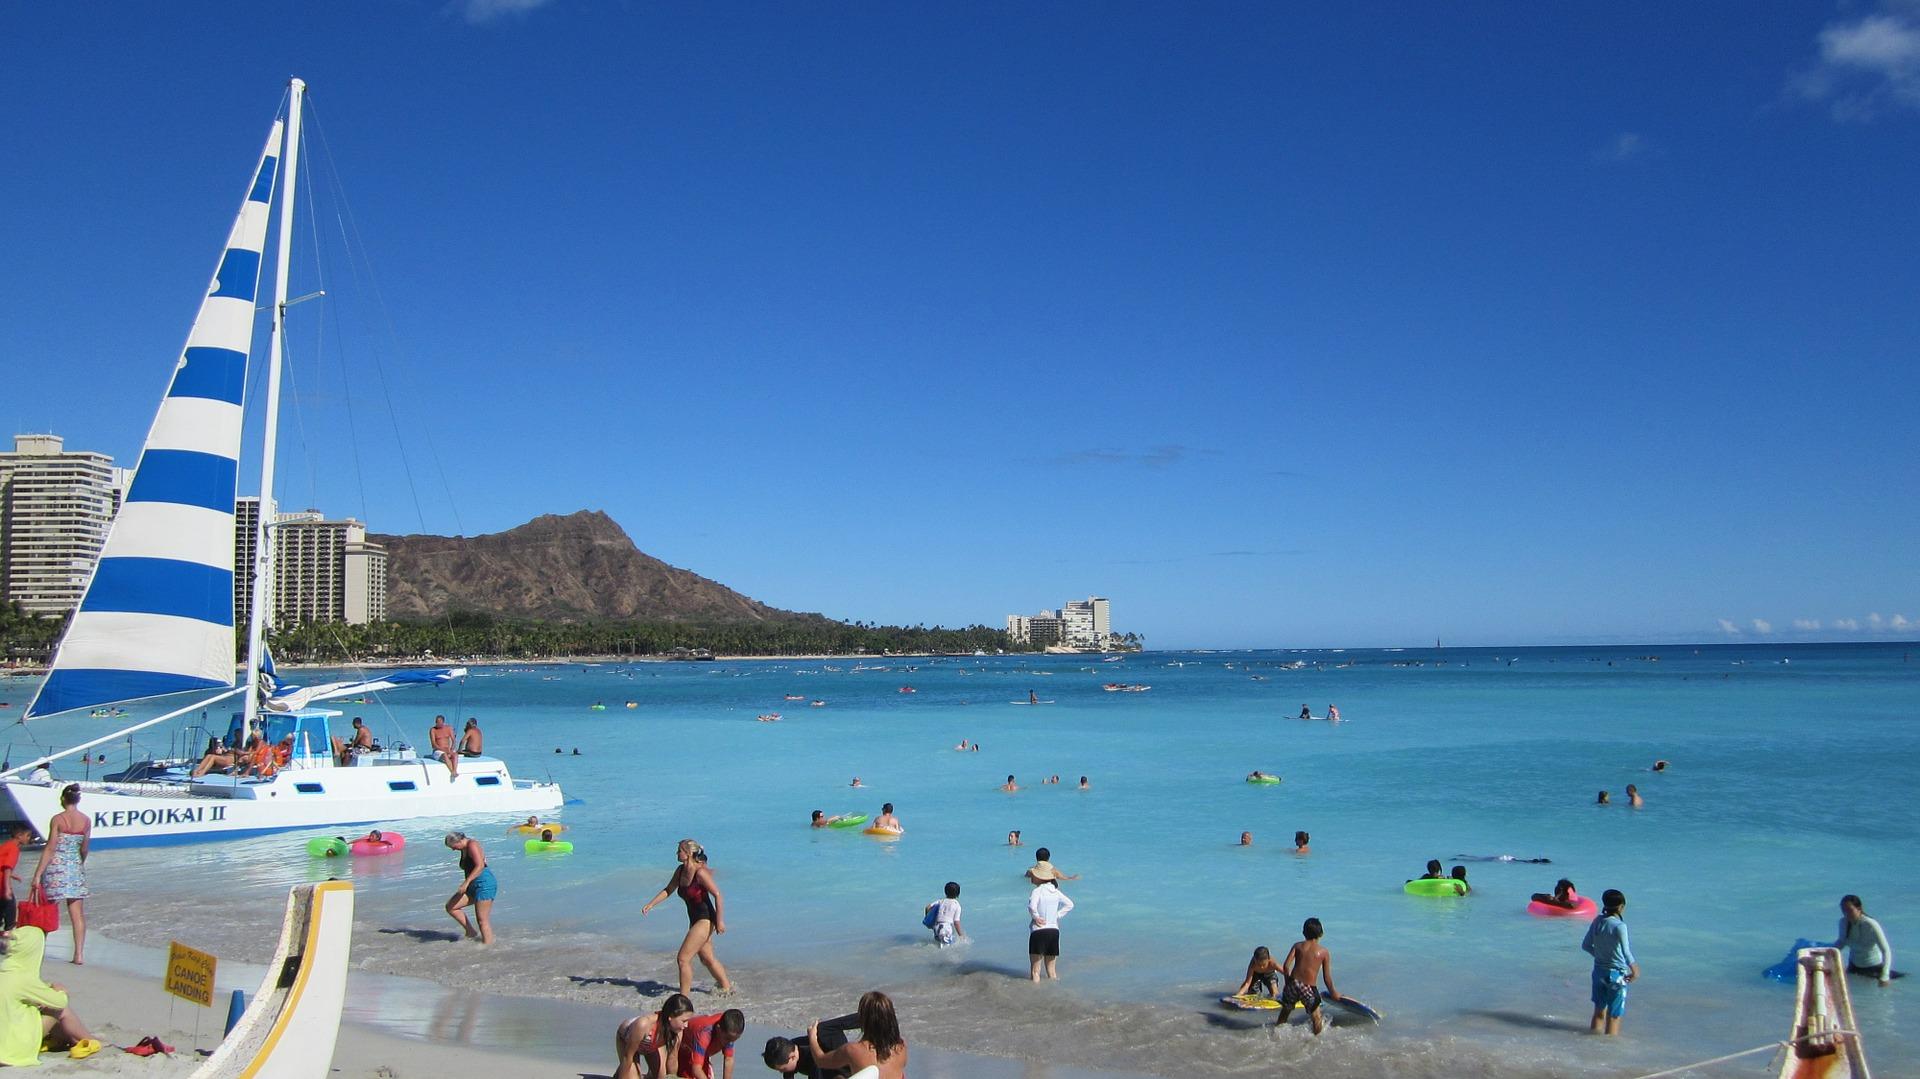 夏休みのハワイ旅行は個人手配で安くなる!〈旅費・ホテル節約編〉